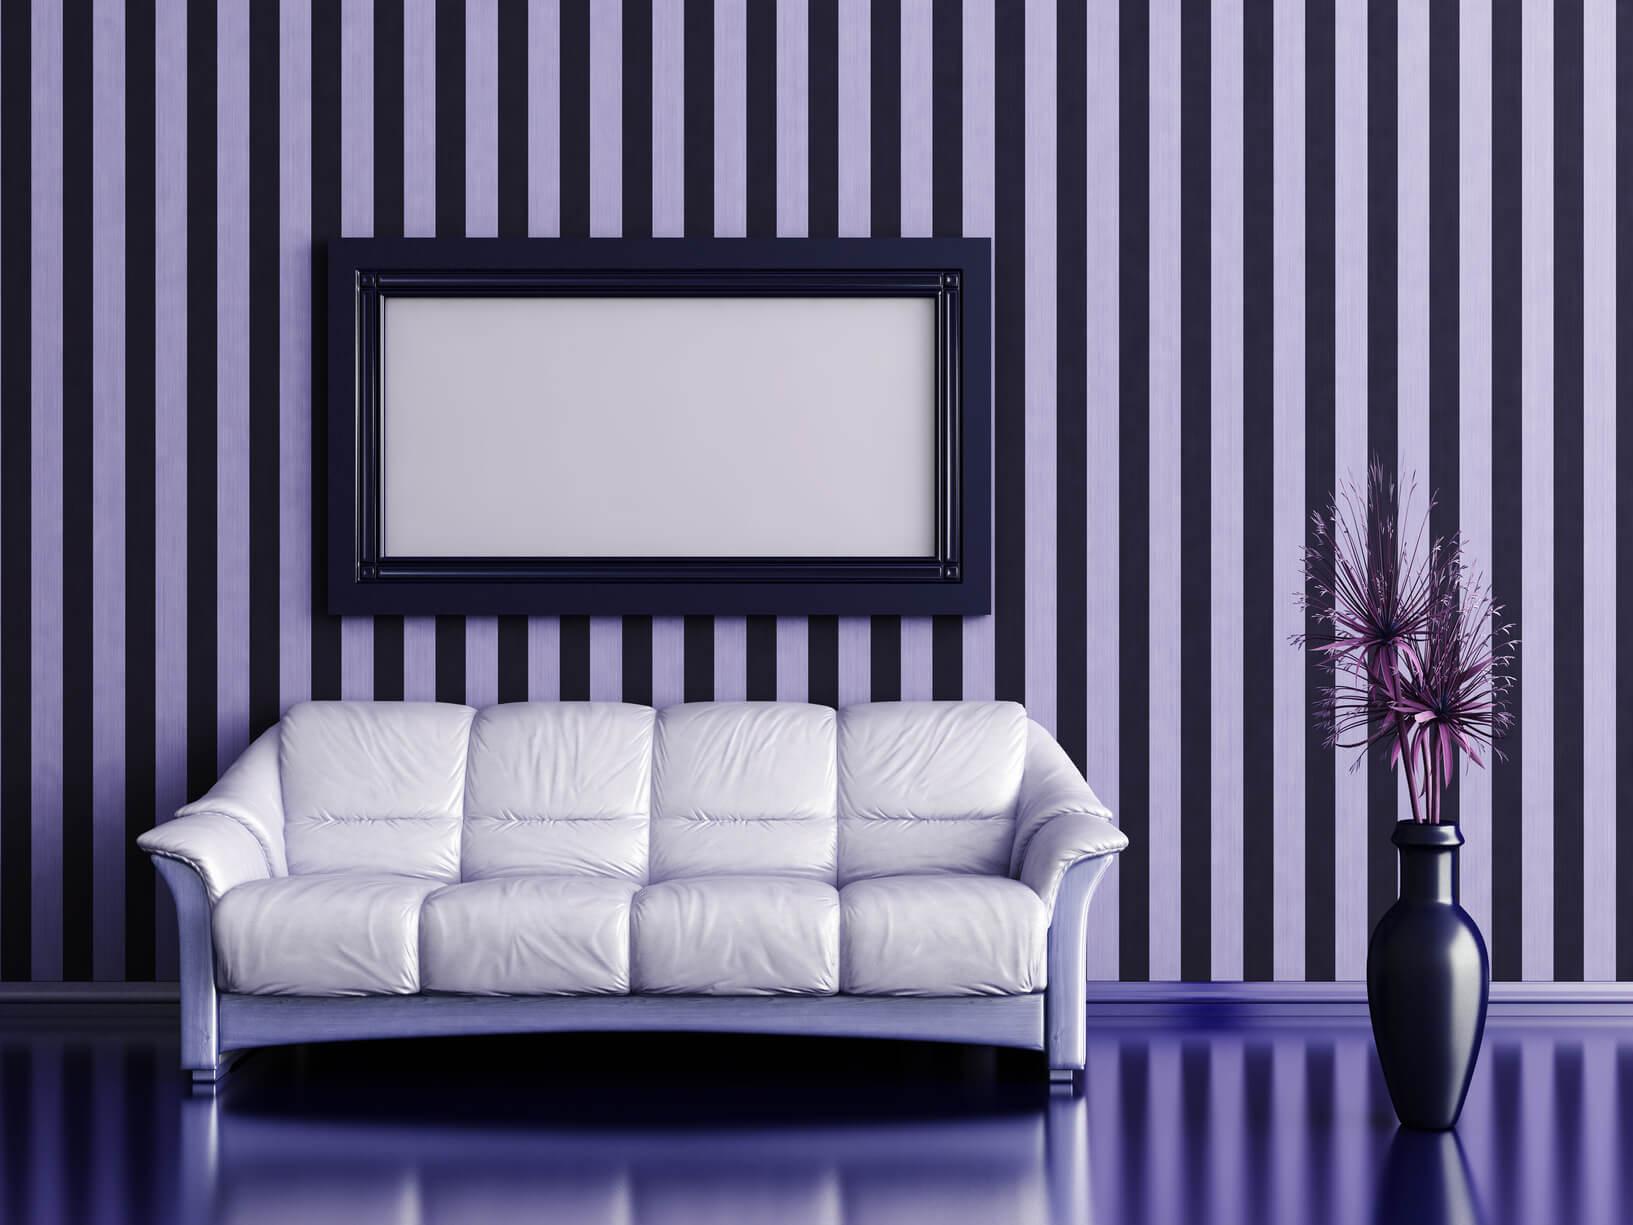 C mo pintar rayas en la pared trucos y consejos como - Paredes rayas horizontales ...